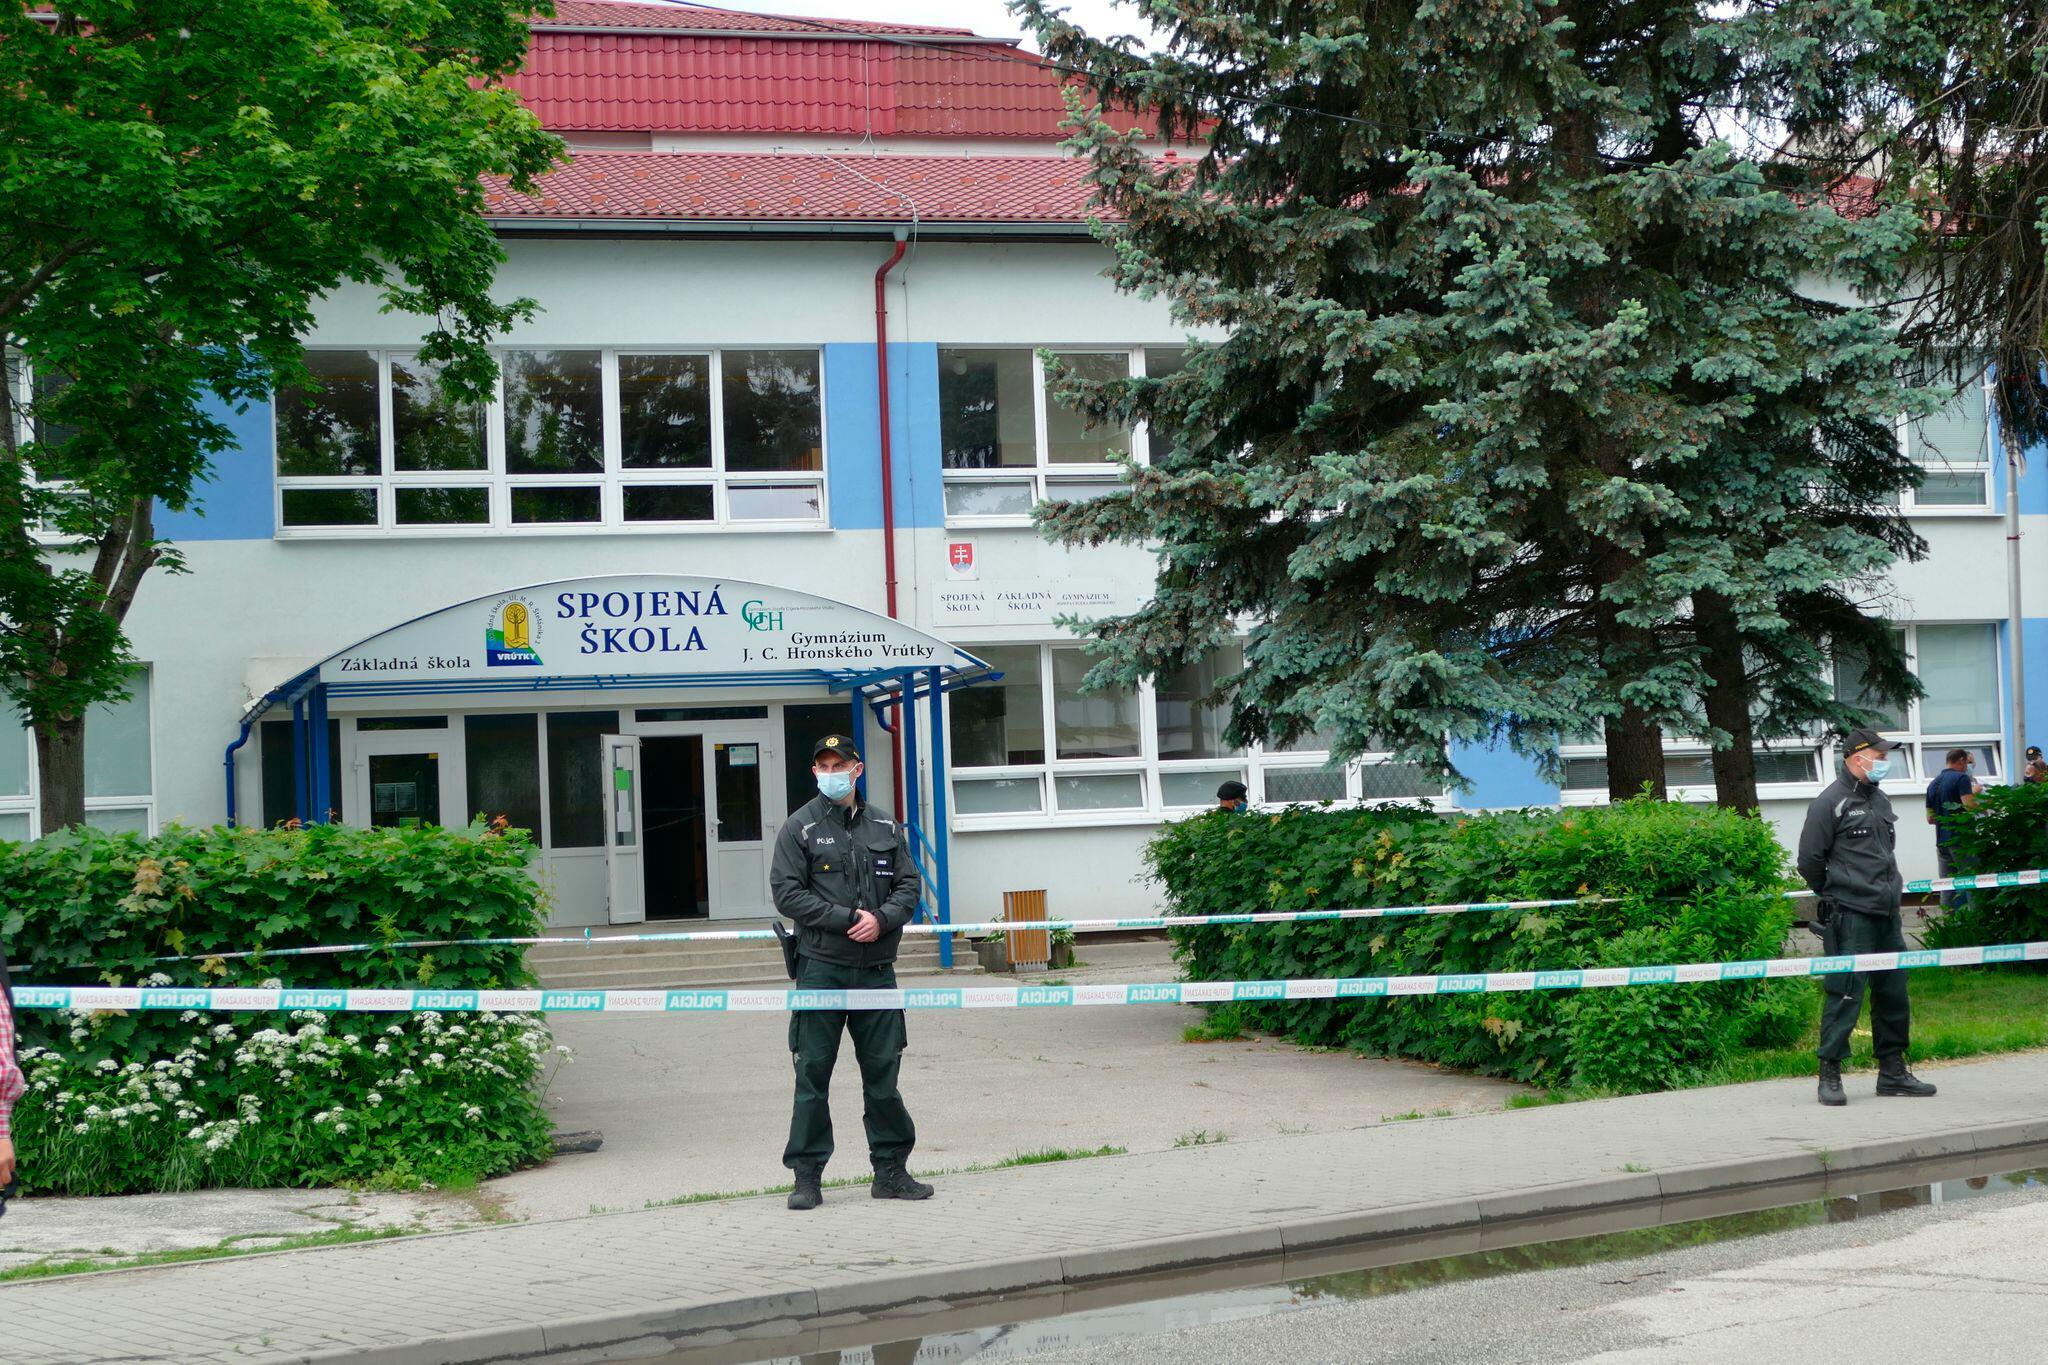 Bild zu Tödlicher Messerangriff an slowakischer Grundschule